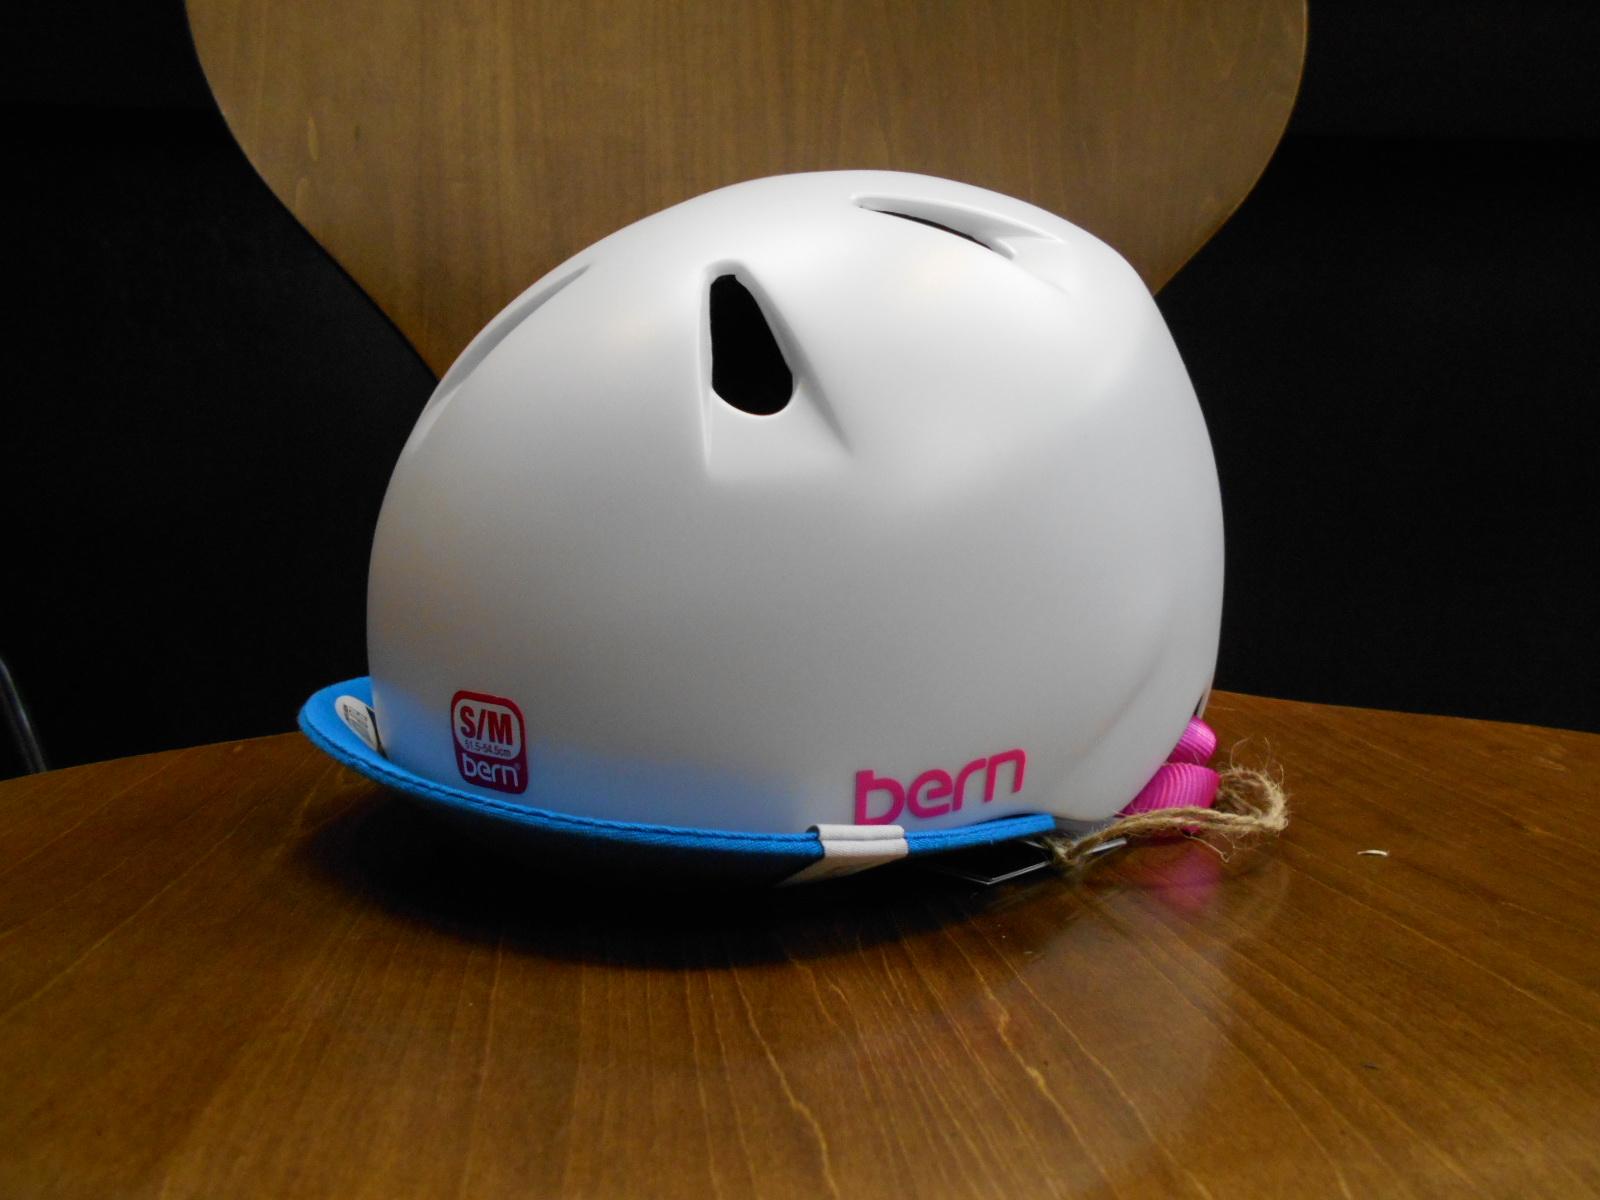 bernのnino/nina2015年カラーが入荷しました_b0189682_15411249.jpg